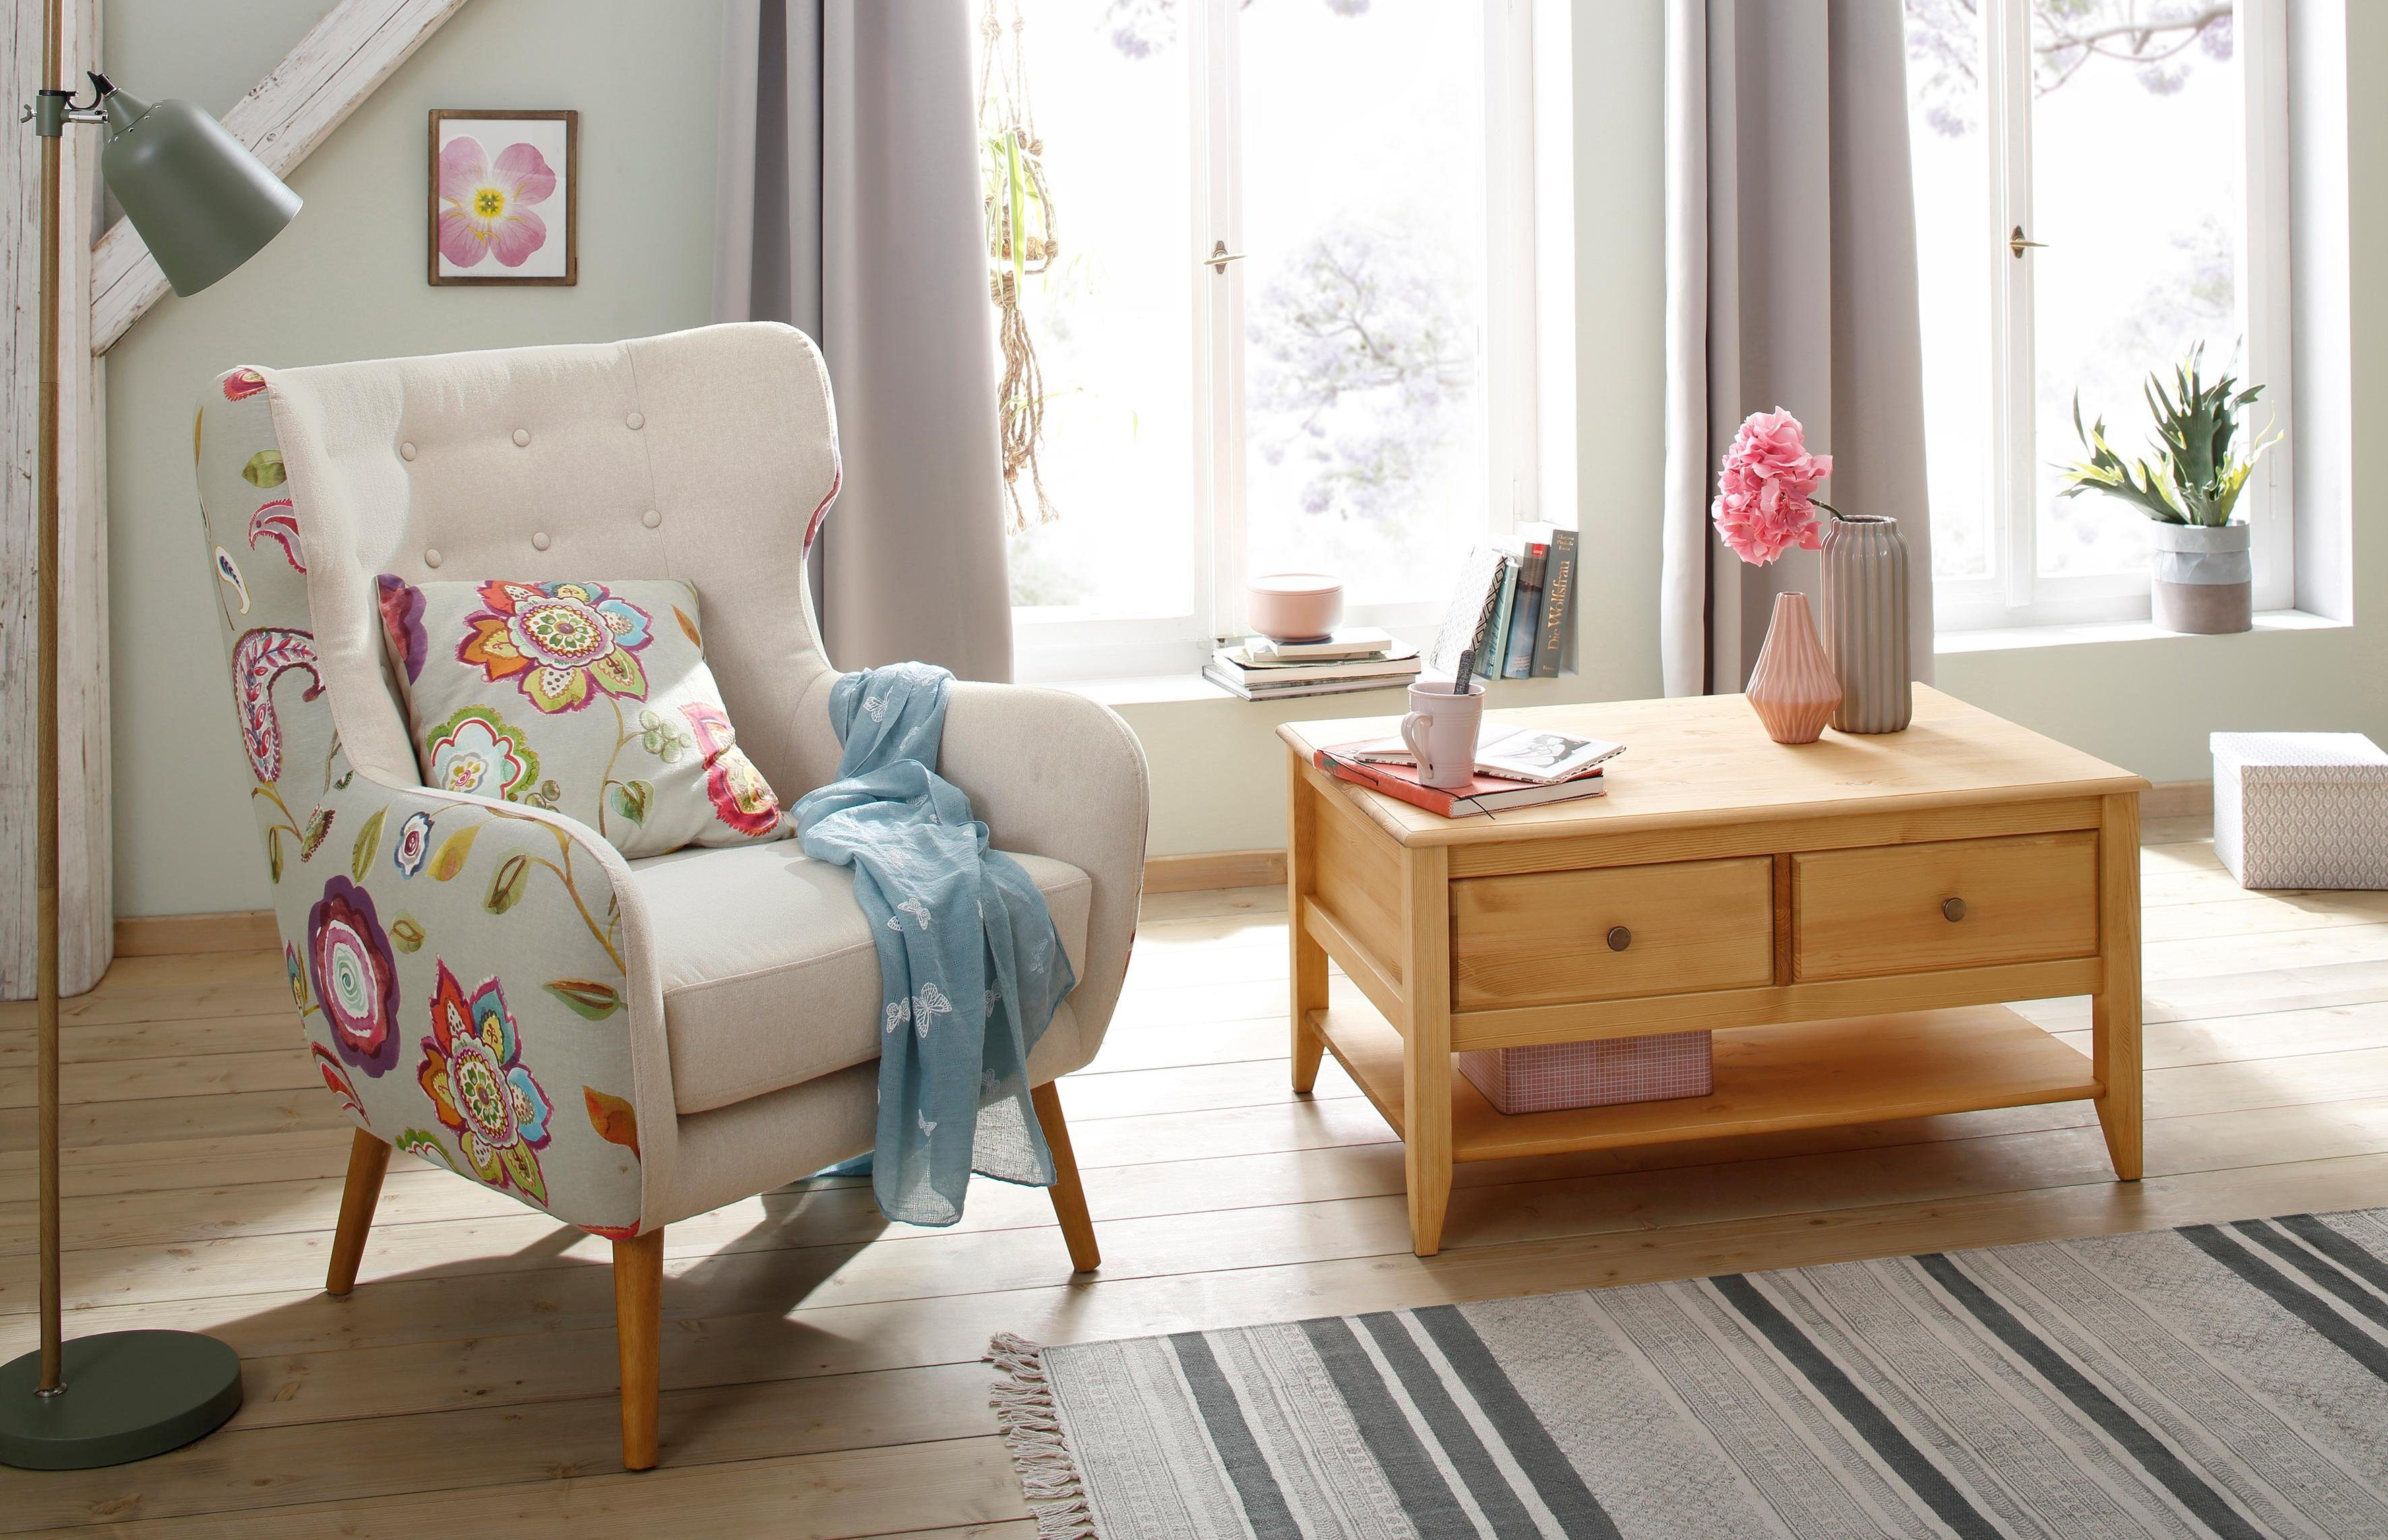 Home affaire Ohrensessel »Missouri«, in zwei verschiedenen Farben, mit toller Sitzpolsterung, Sitzhöhe 57 cm